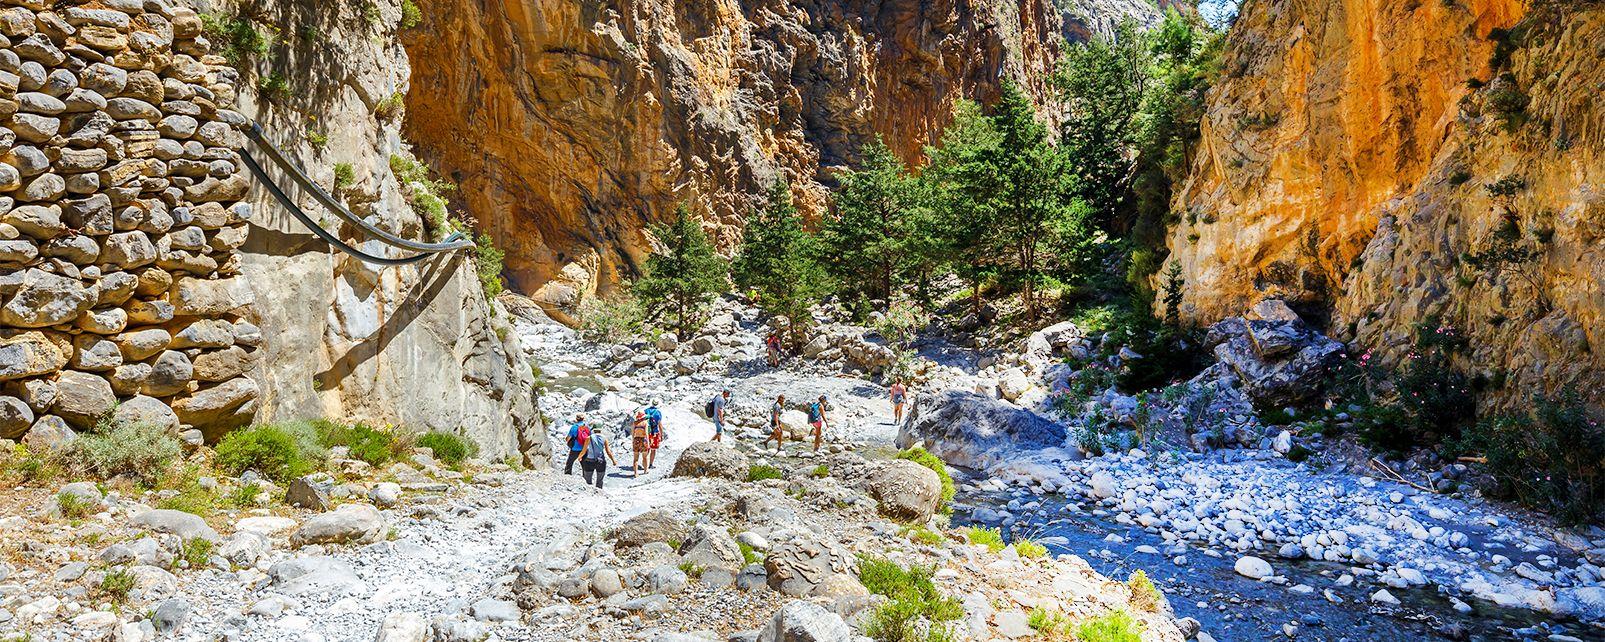 Un paysage à couper le souffle, Les Gorges de Samaria, Les paysages, Heraklion, Crète